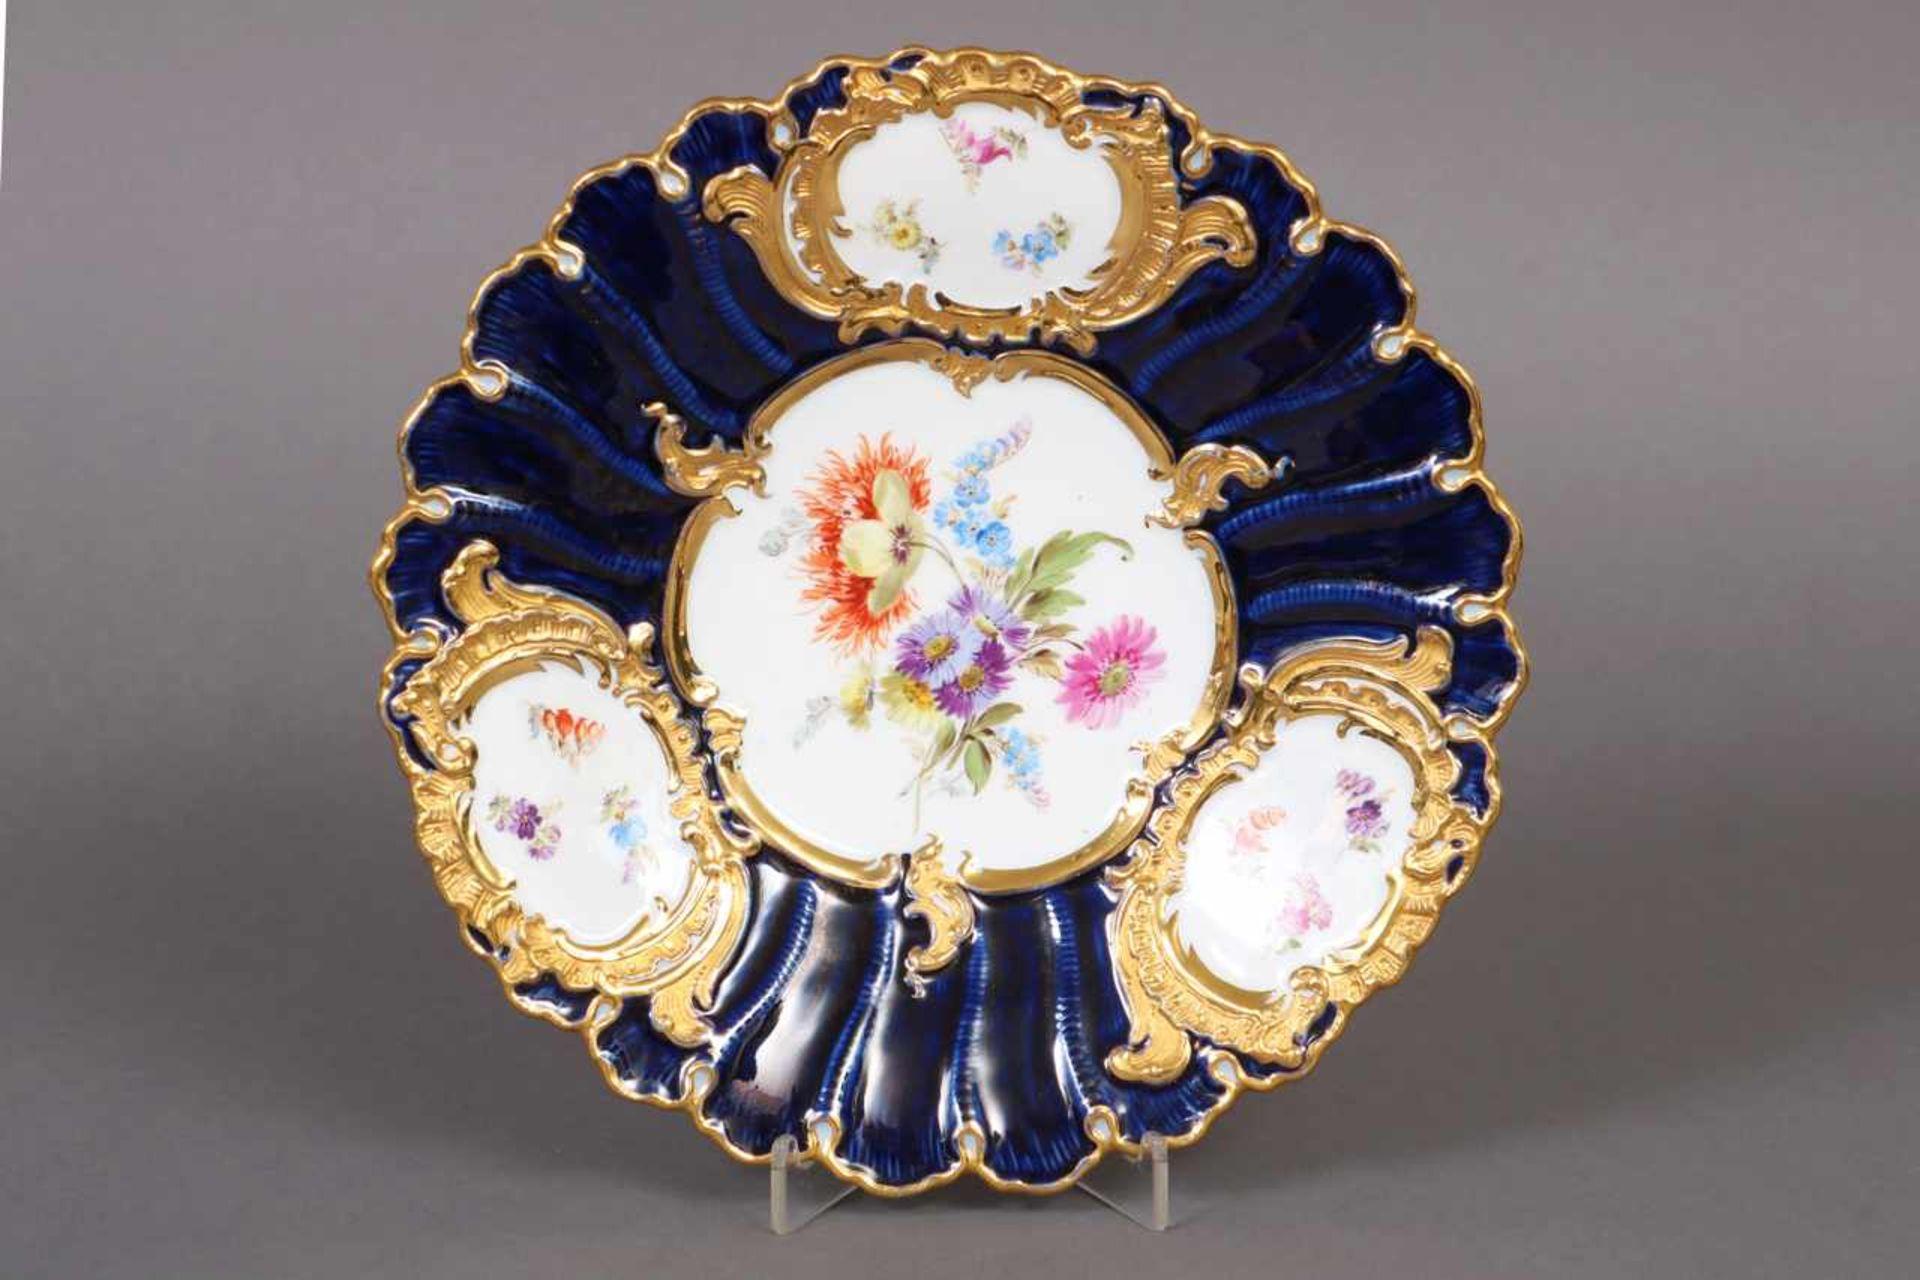 Los 48 - MEISSEN Prunkteller um 1900 (Knaufzeit), im Spiegel polychrome Blumenmalerei mit kobaltblauer